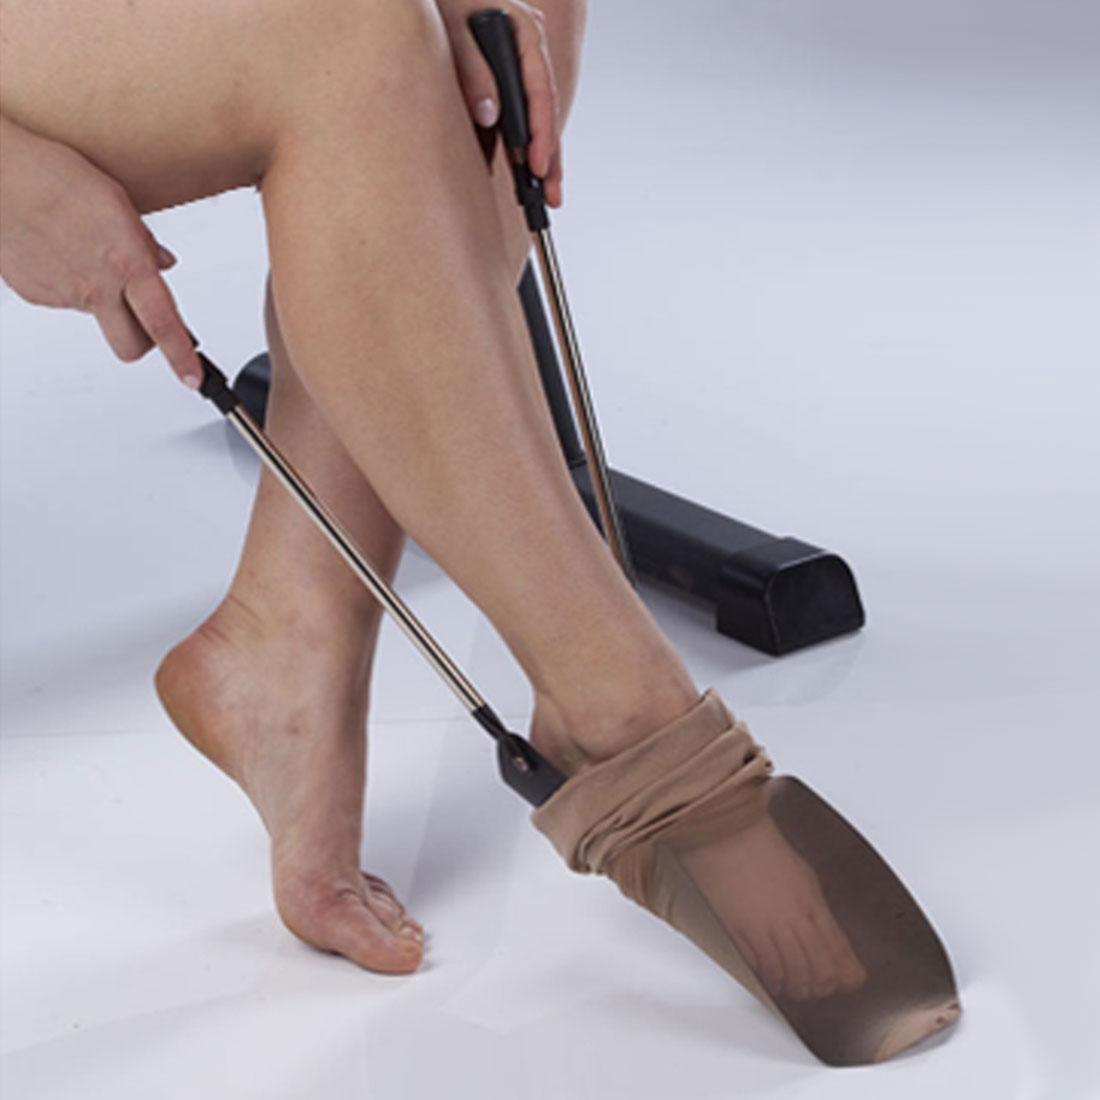 Помощник для надевания носков и чулок [06756],